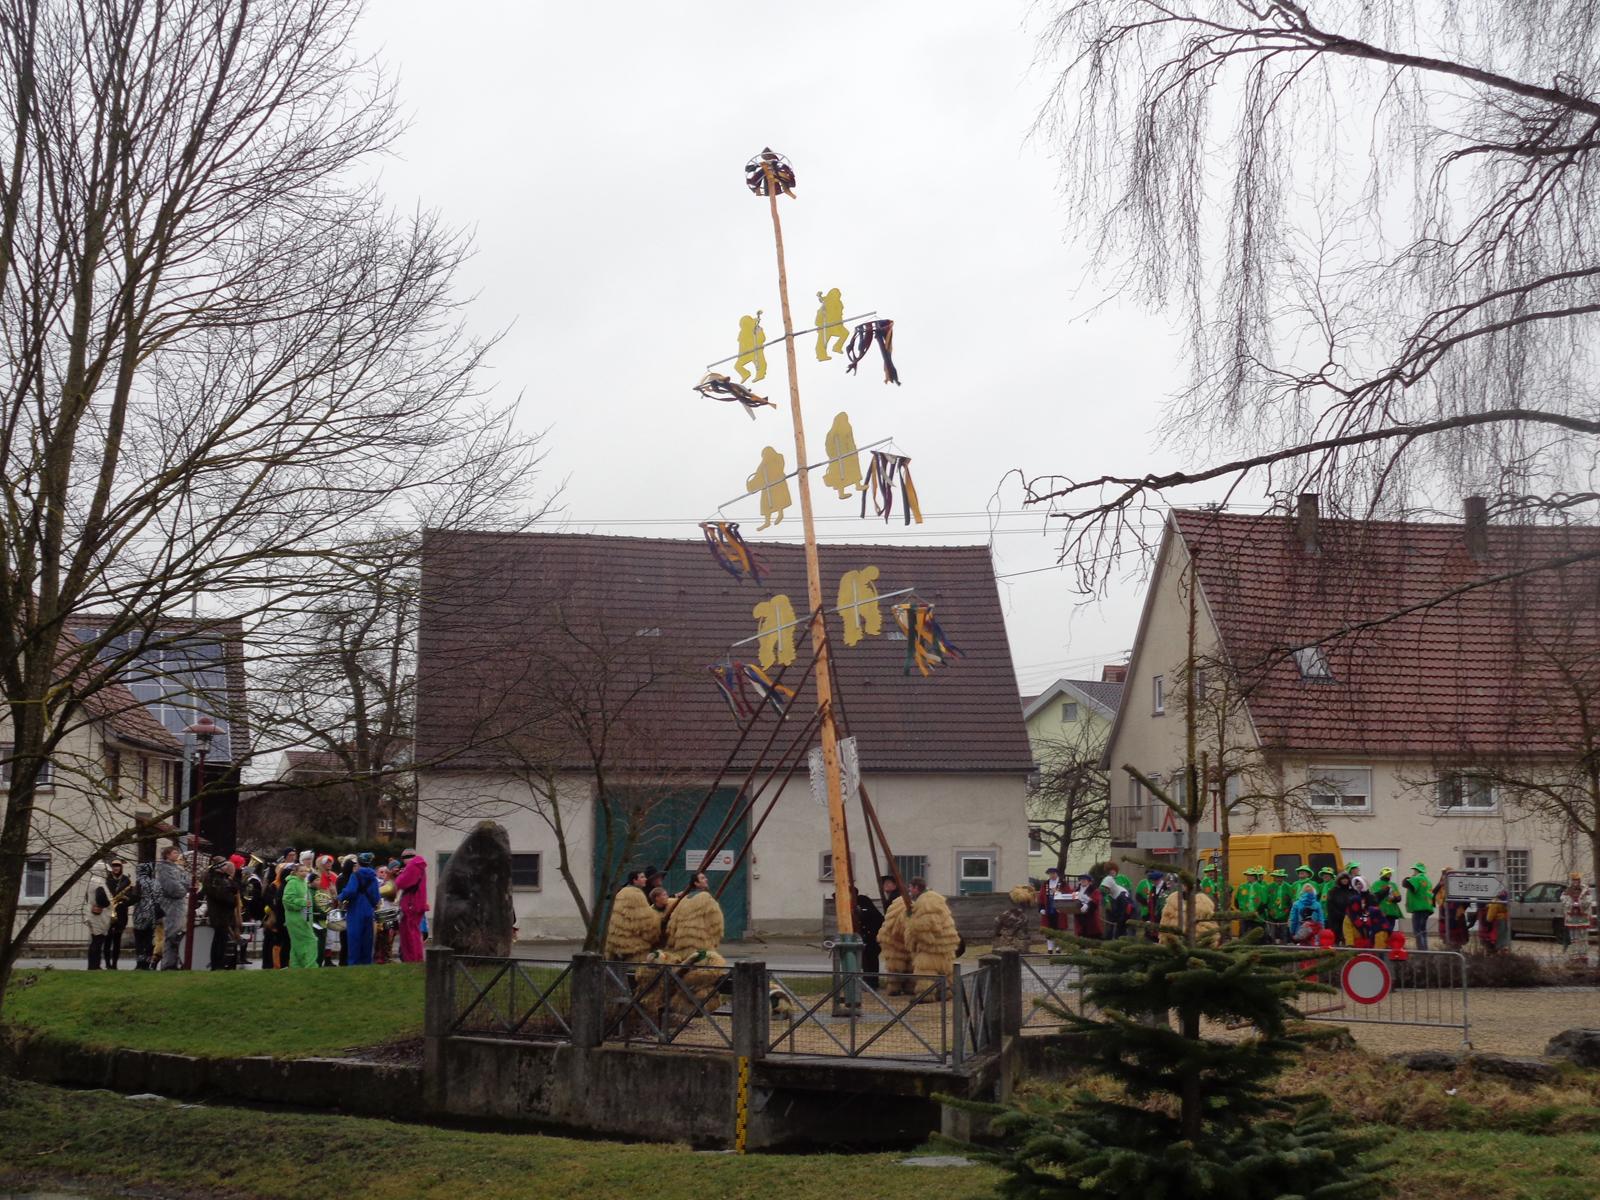 Der Narrenbaum wird vor dem Rathaus aufgestellt